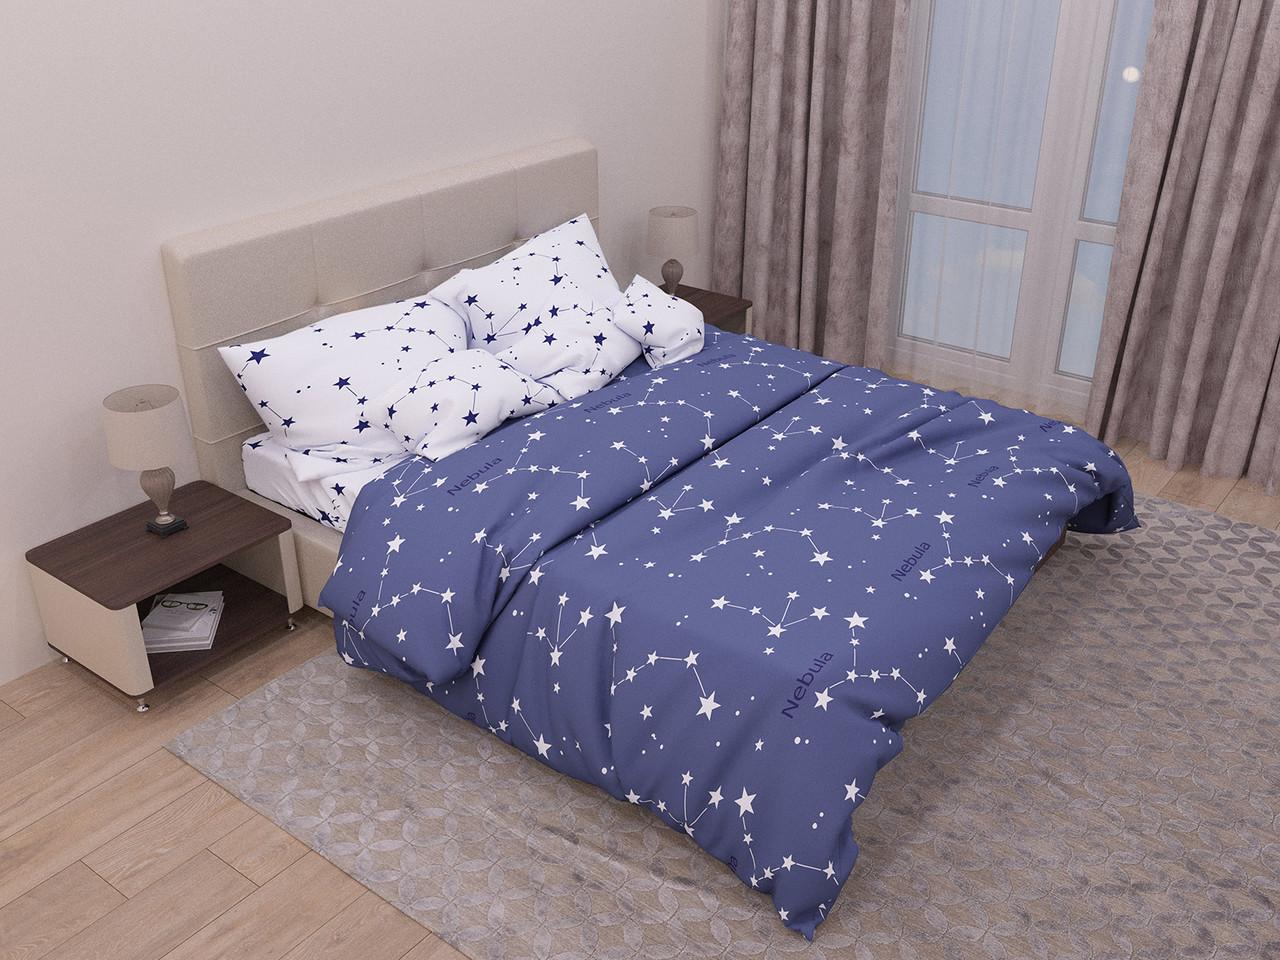 Комплект постельного белья евро на резинке 200*220 хлопок (13935) TM KRISPOL Украина